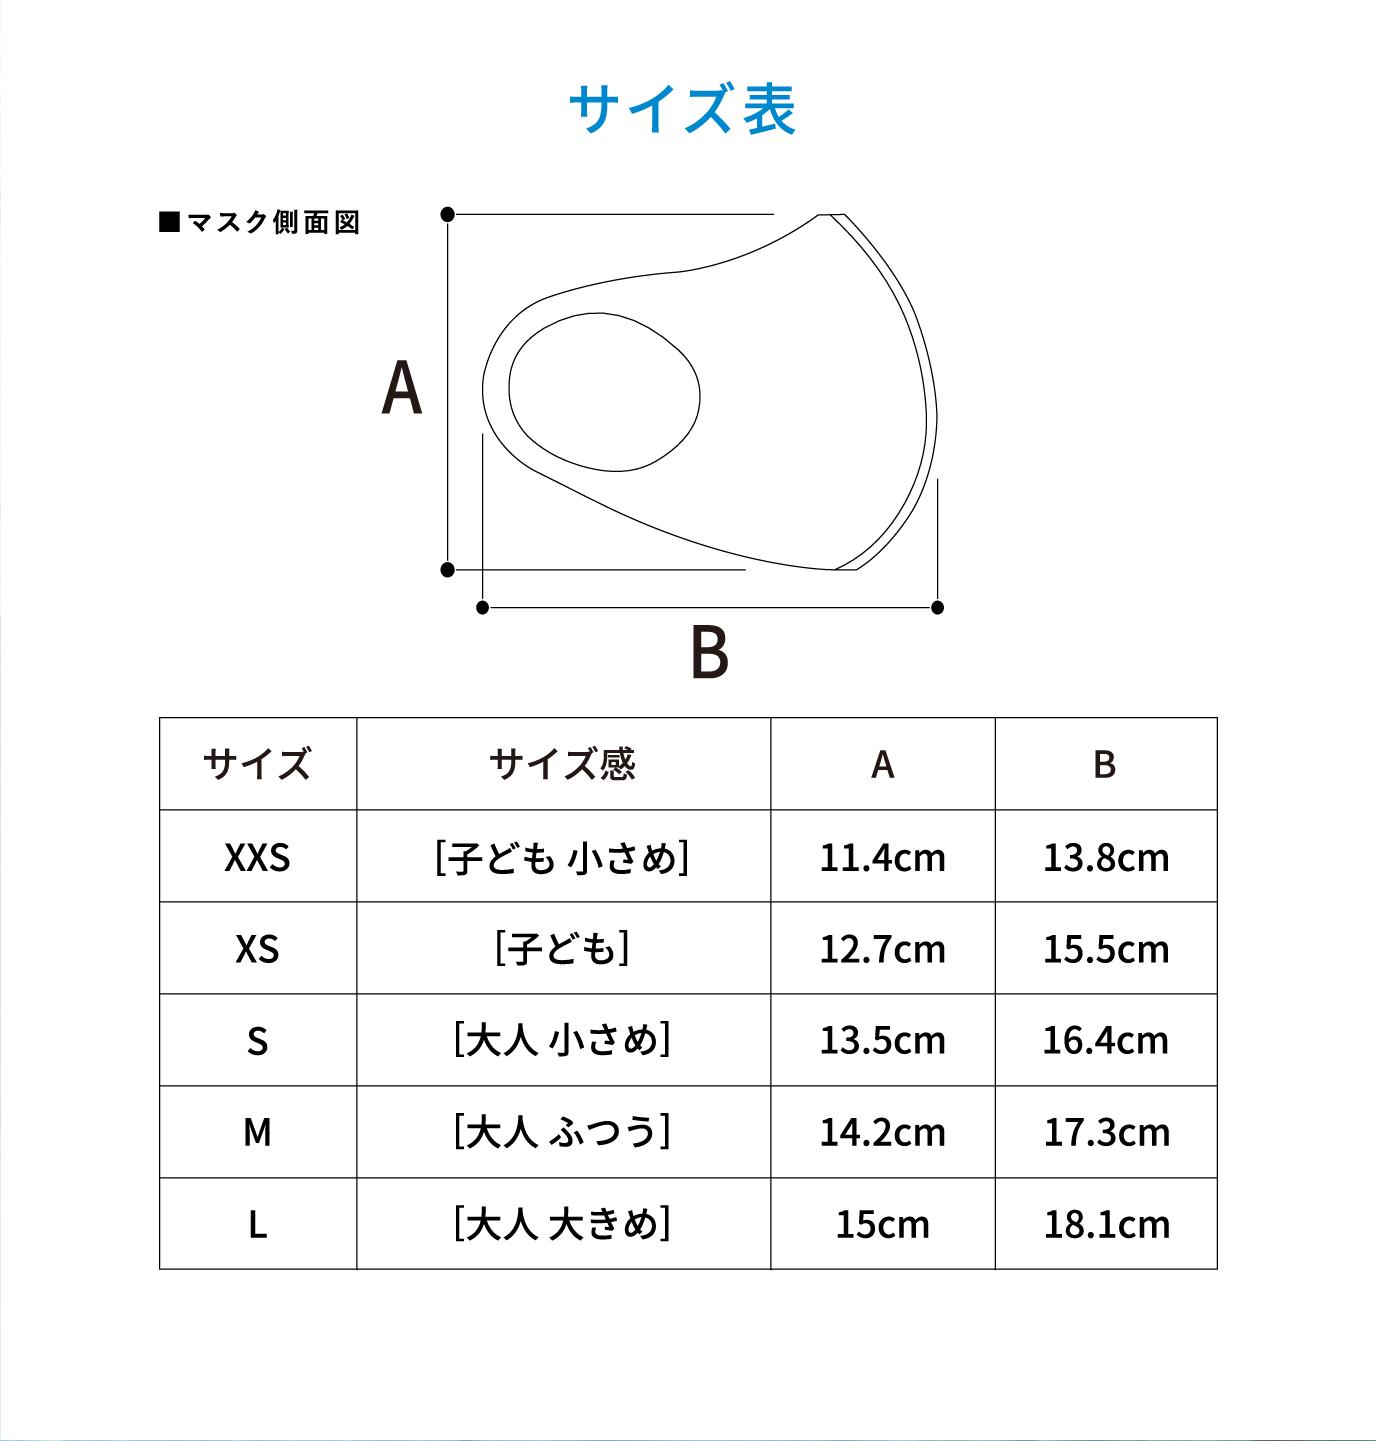 サイズ表 XXS[子ども 小さめ]・XS[ども]・S[大人 小さめ]・M[大人 ふつう]・L[大人 大きめ]